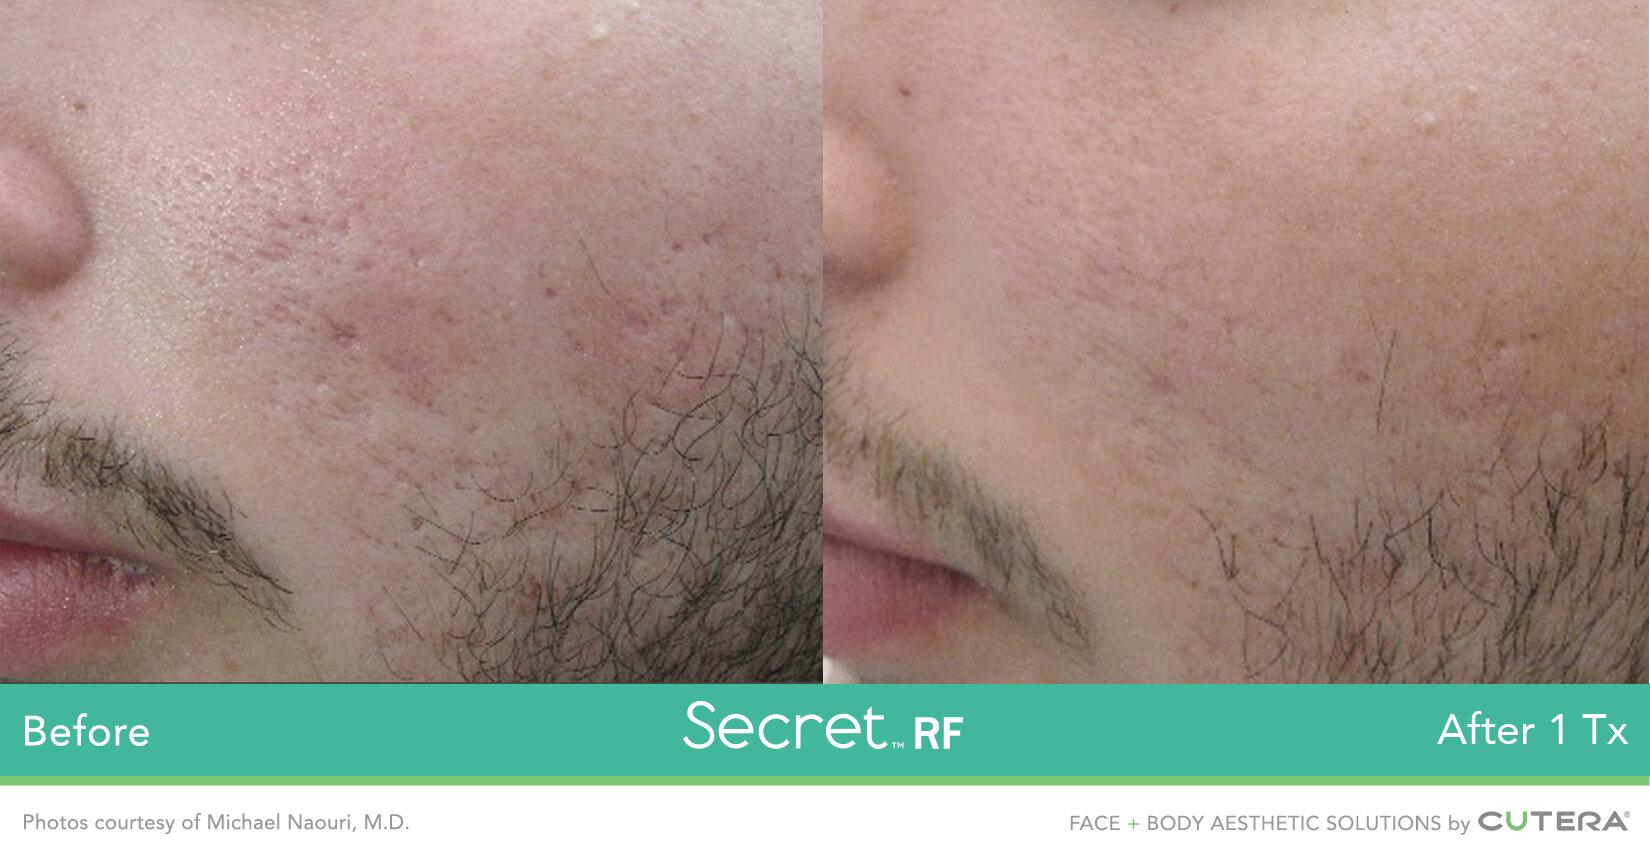 Secret-RF-3.jpg